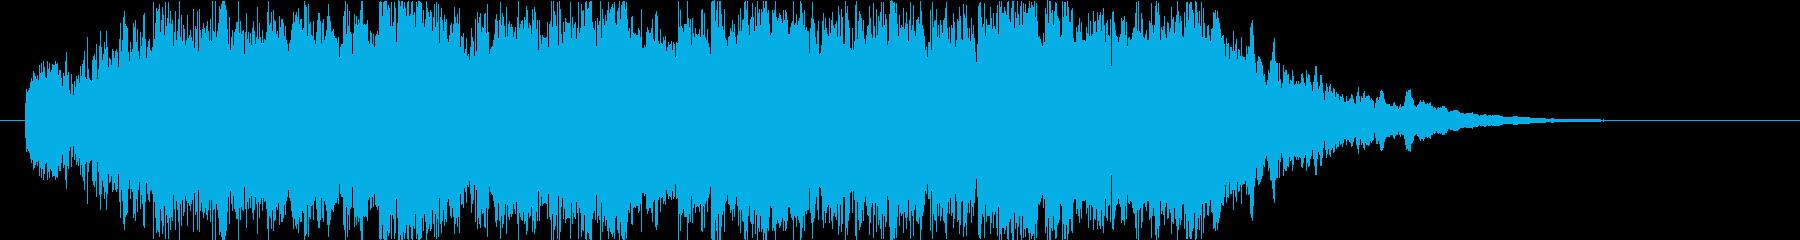 琴とシンセで疾走感のある和風オーケストラの再生済みの波形